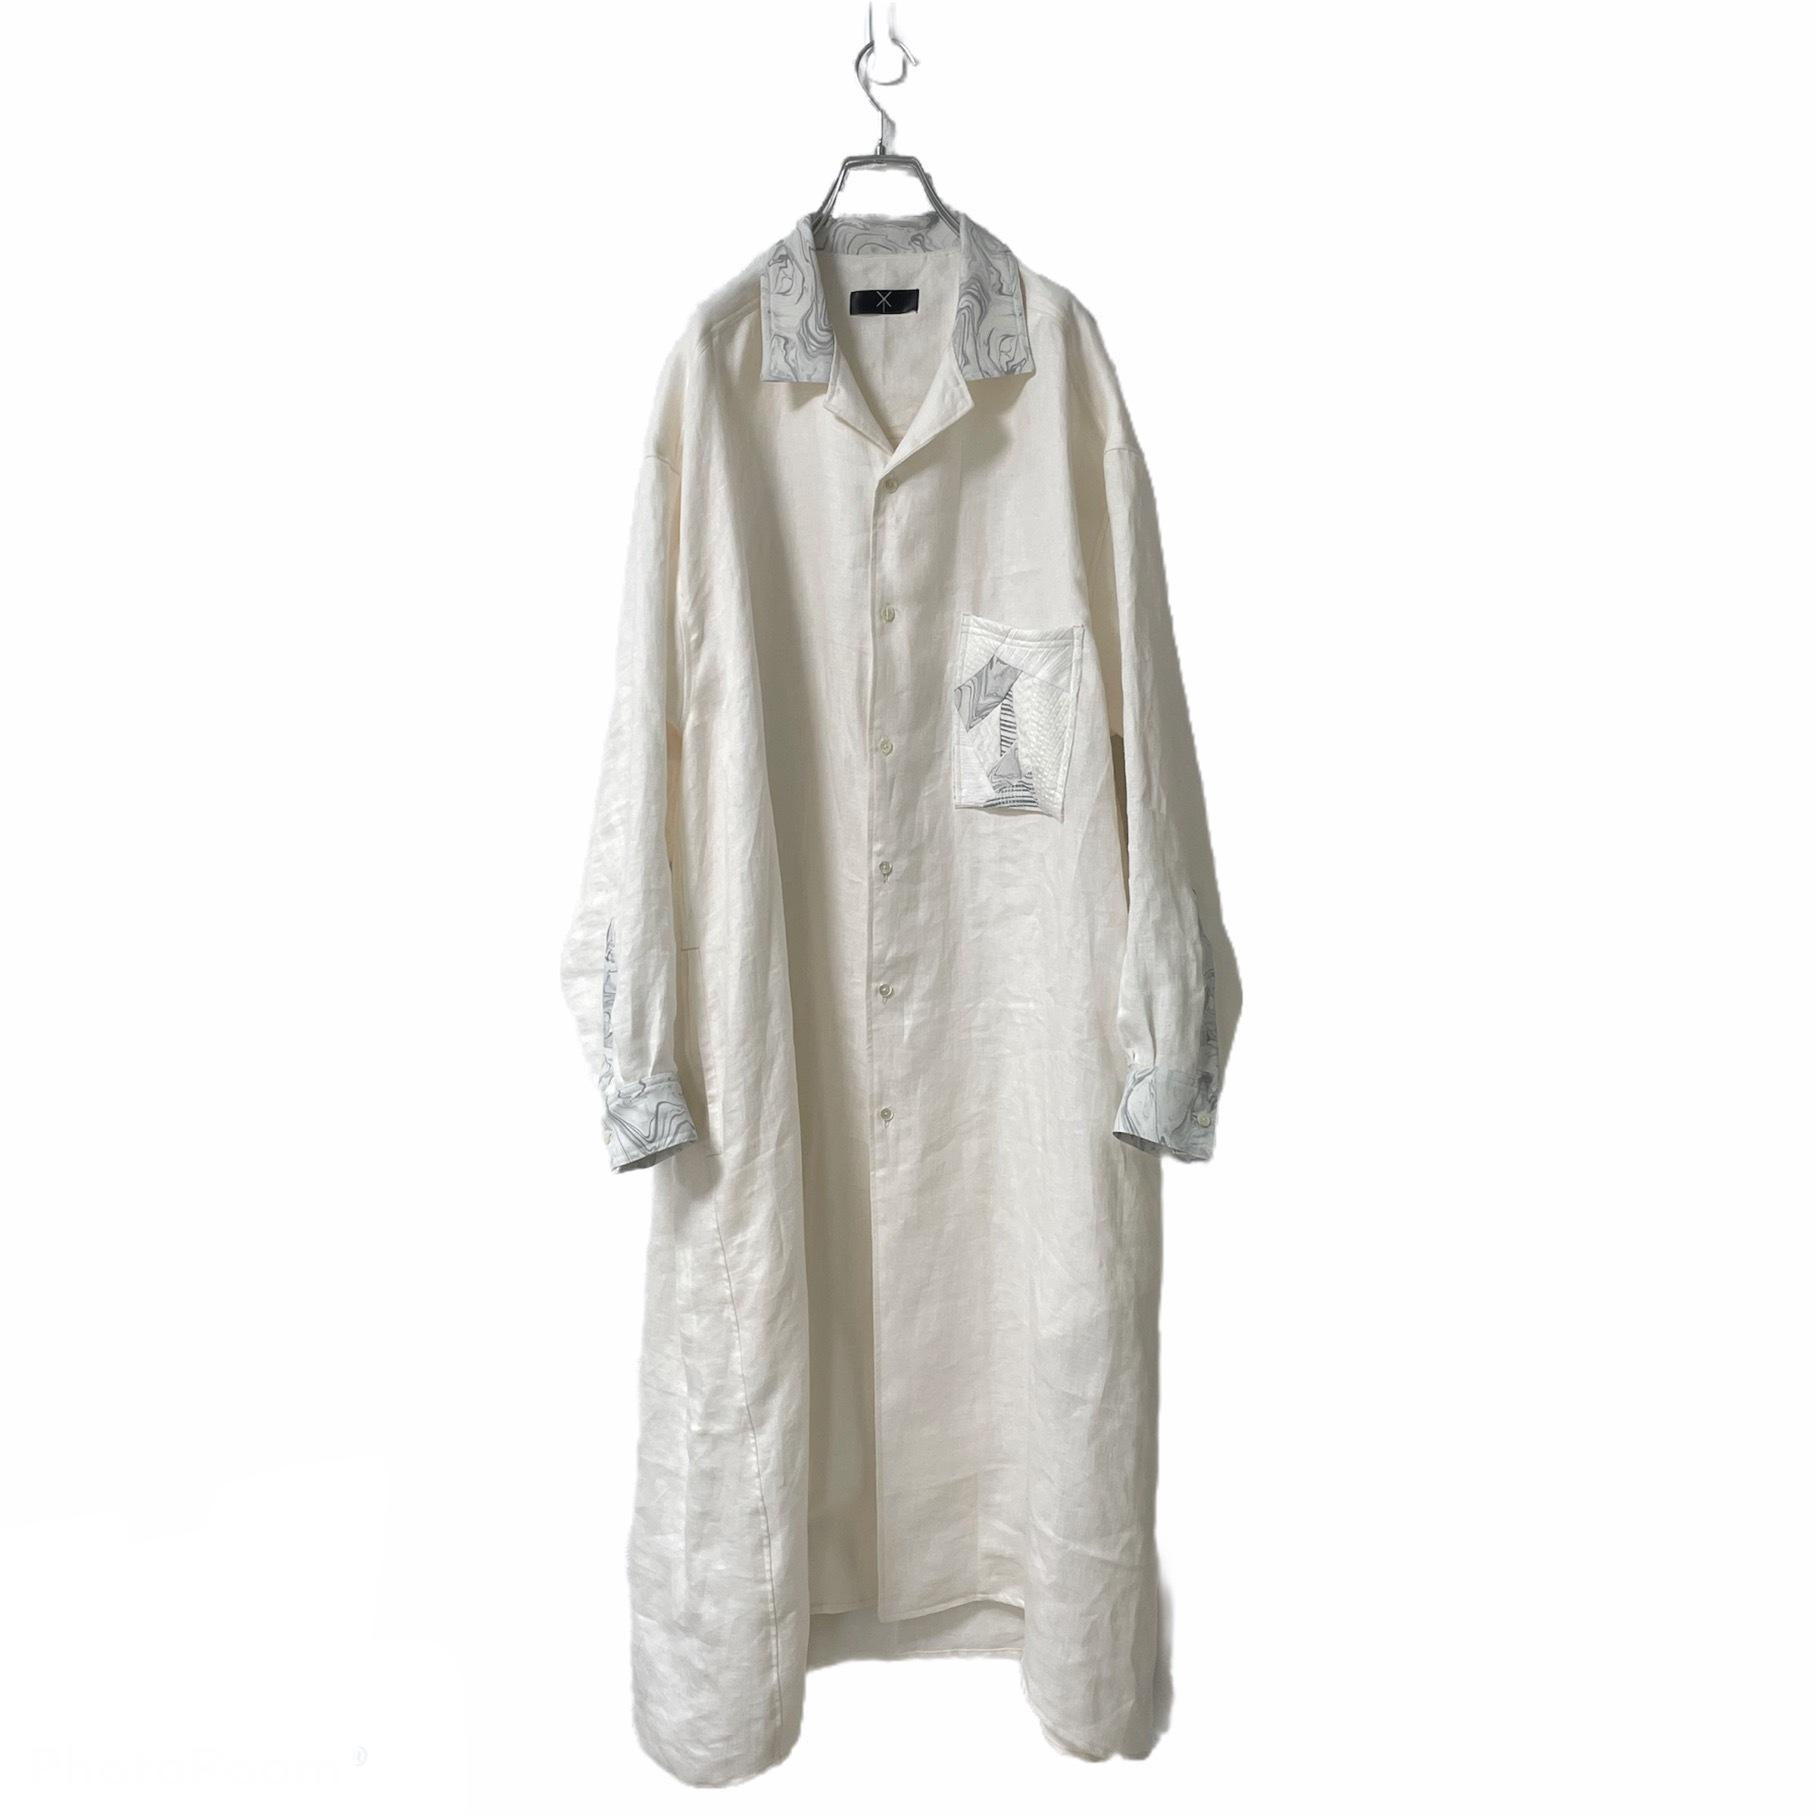 Shirts-Coat (ivory/marble grey)